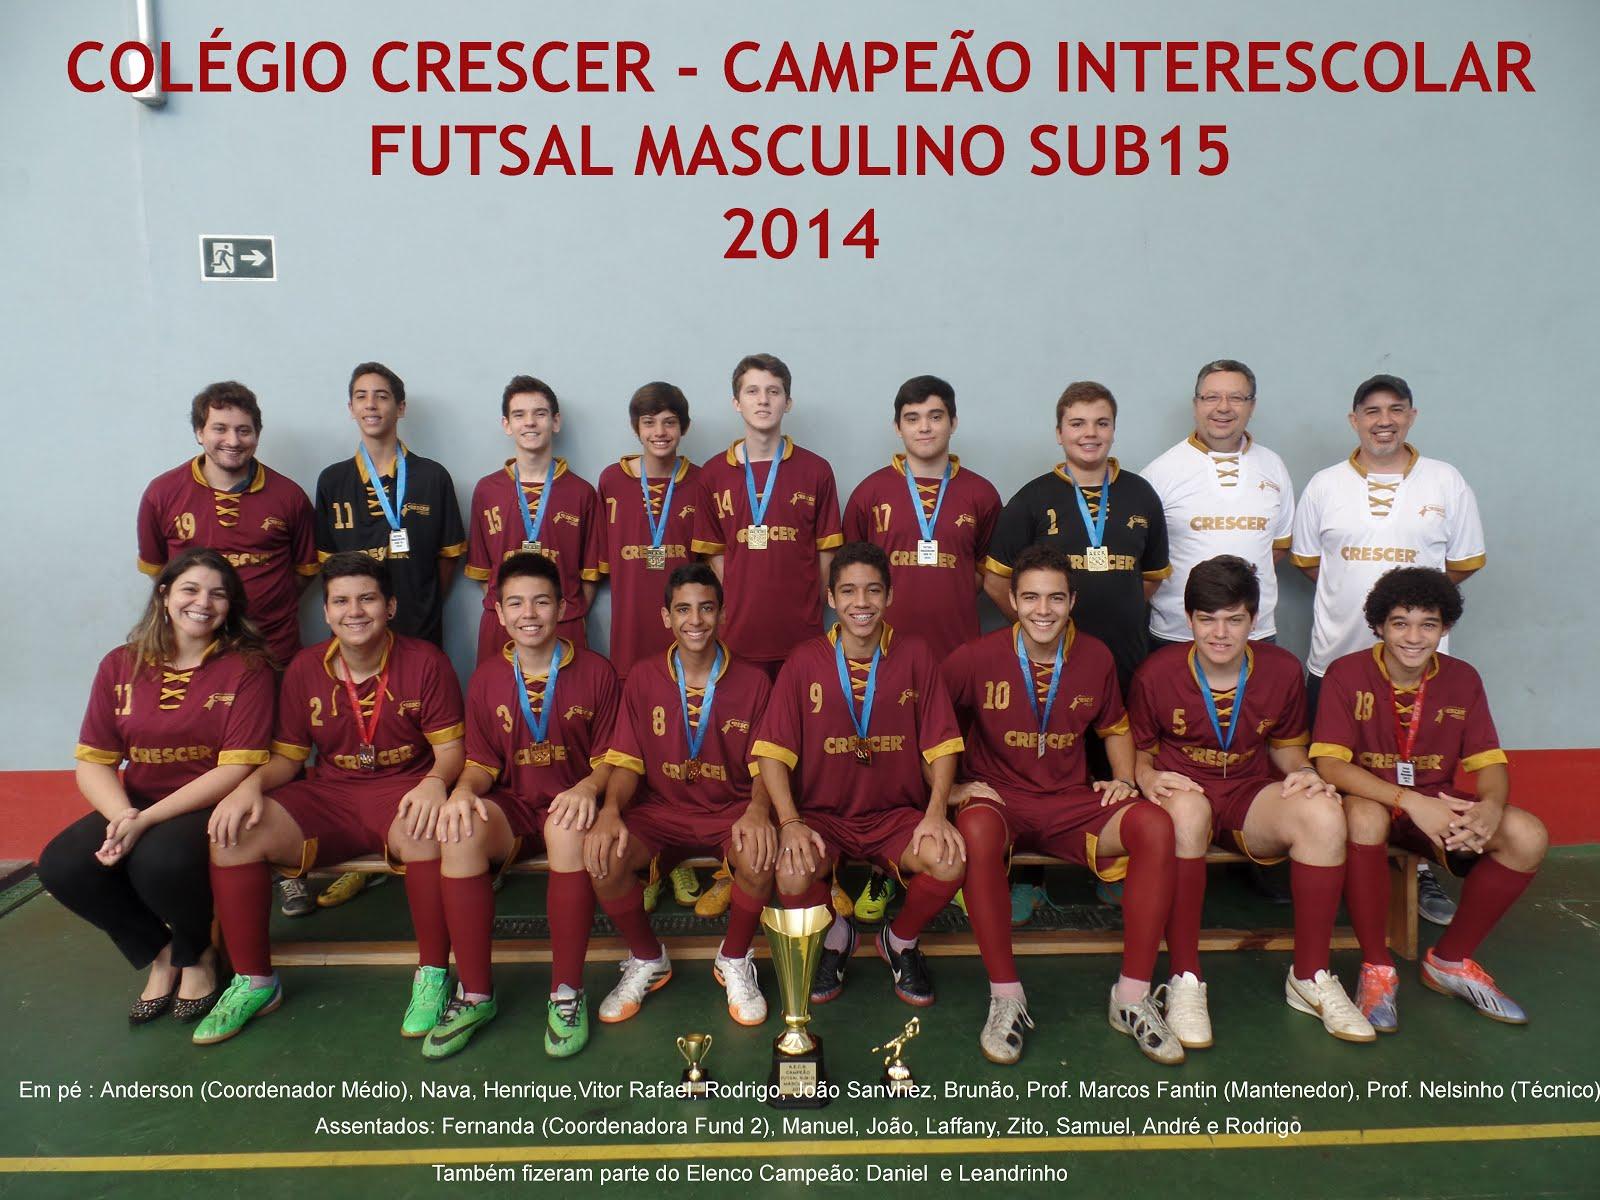 Sub 15 Campeão Interescolar 2014